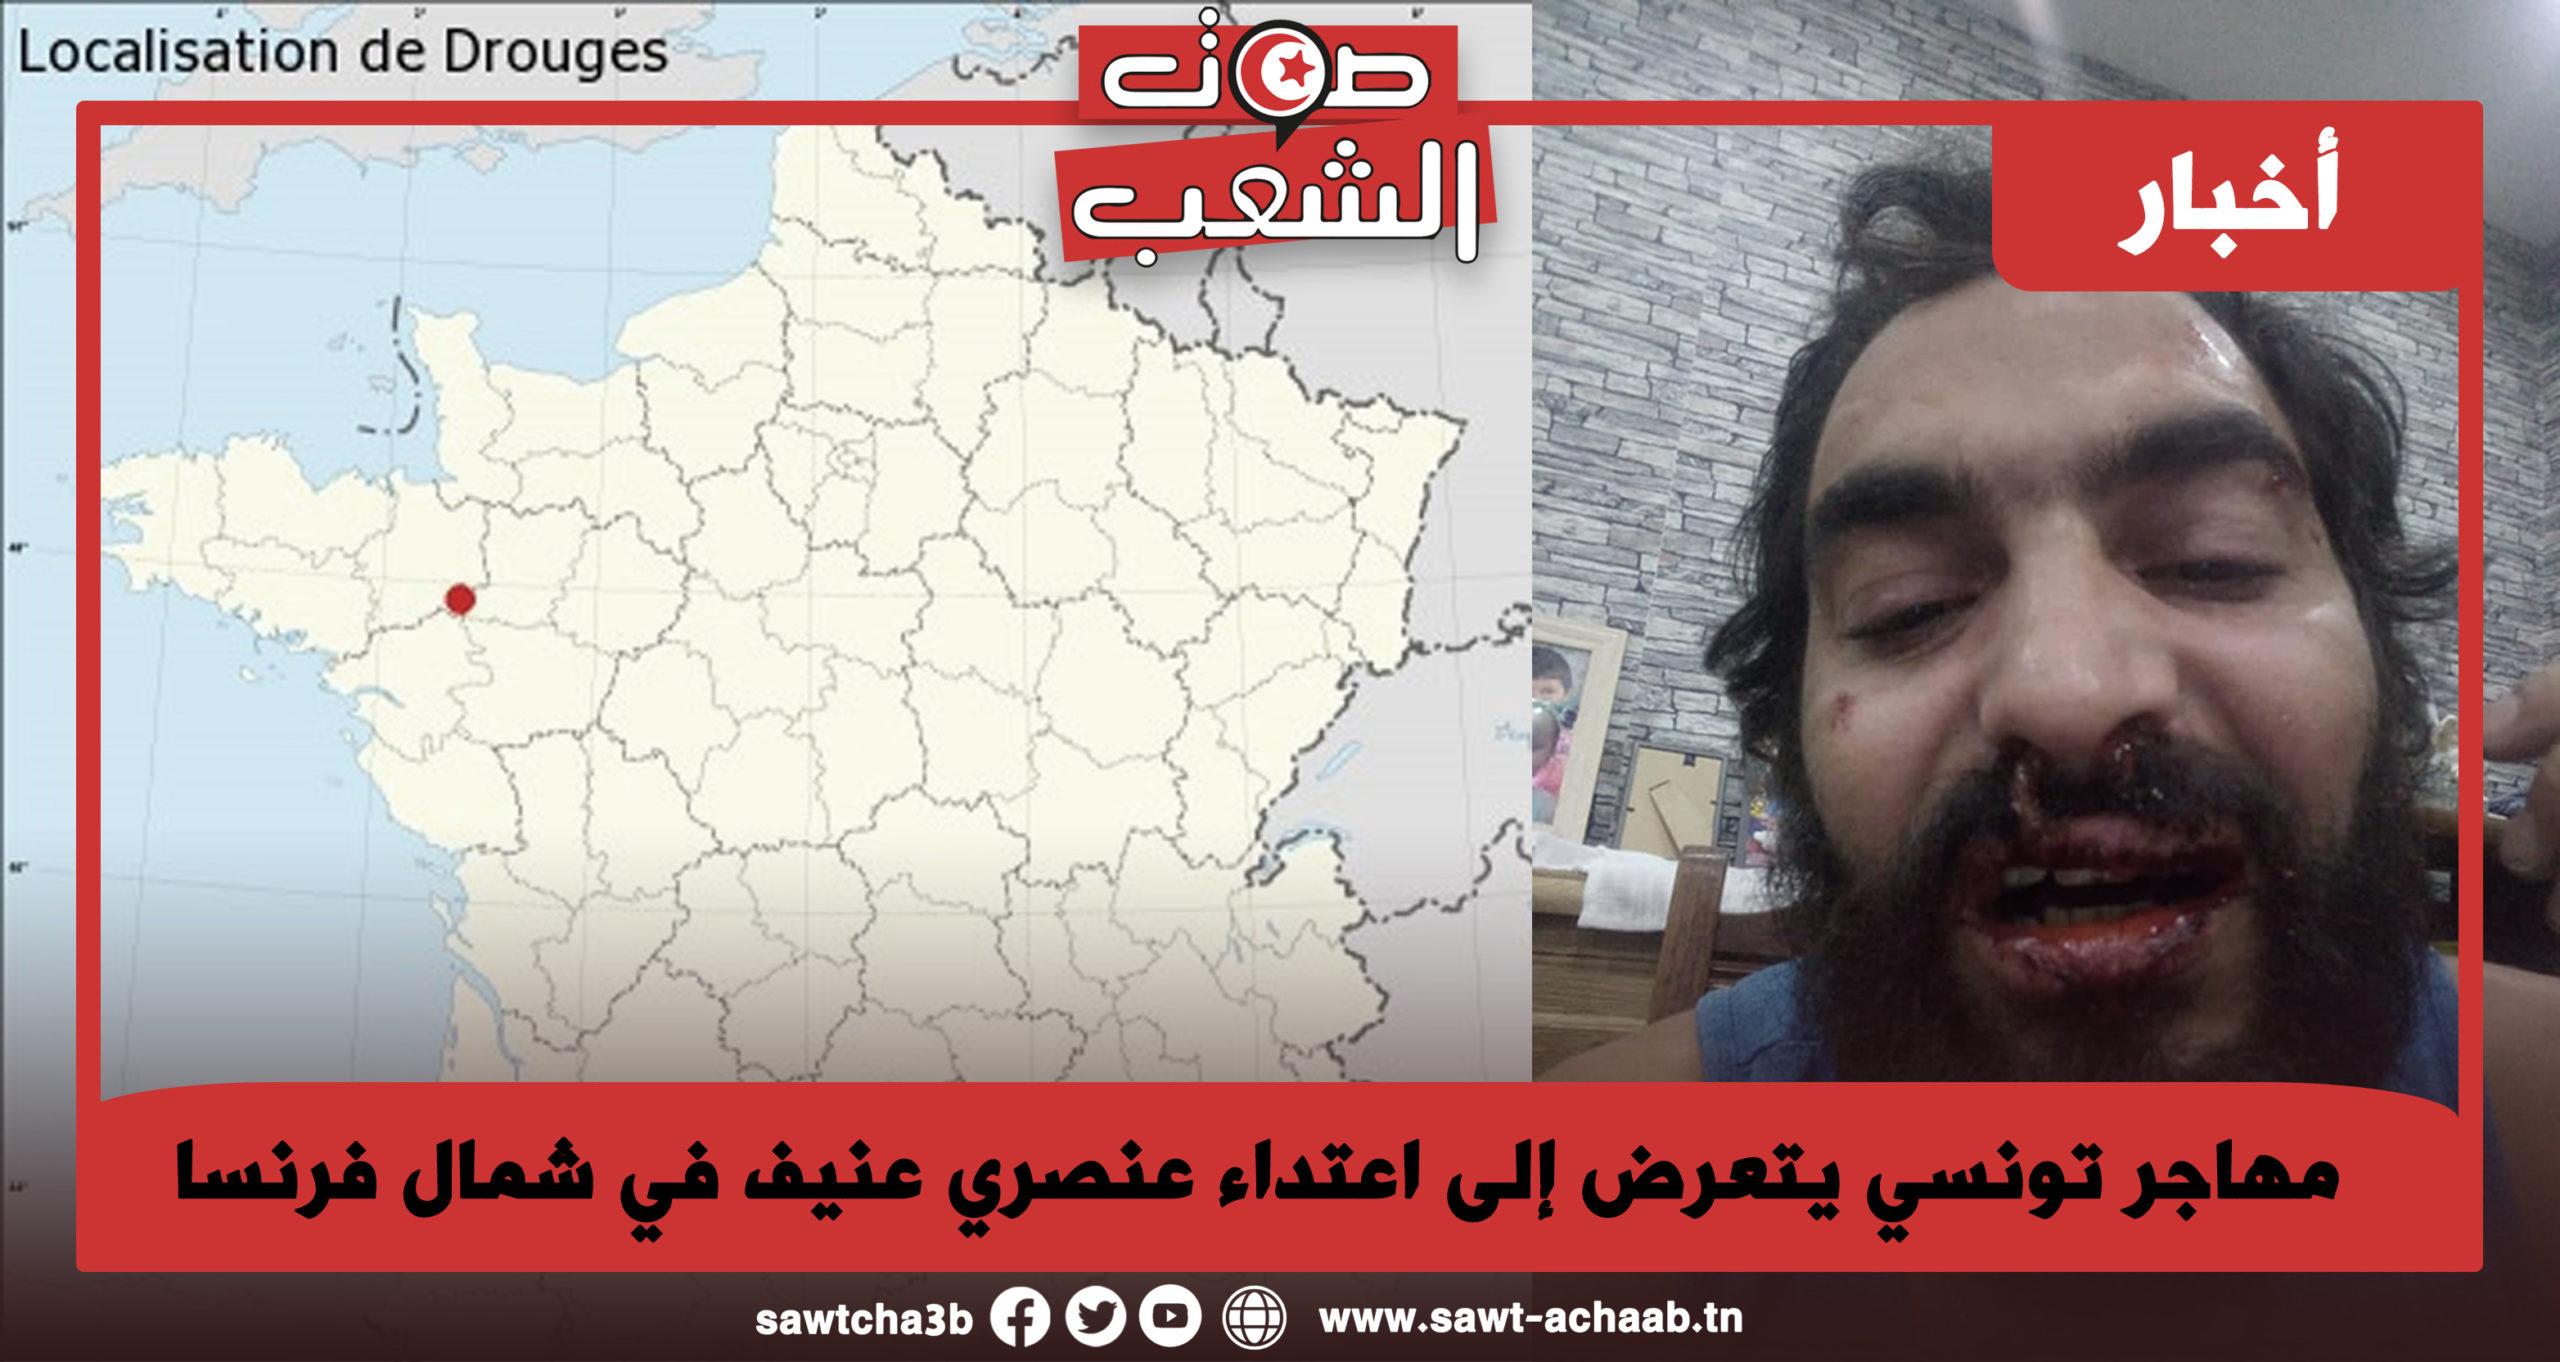 مهاجر تونسي يتعرض إلى اعتداء عنصري عنيف في شمال فرنسا